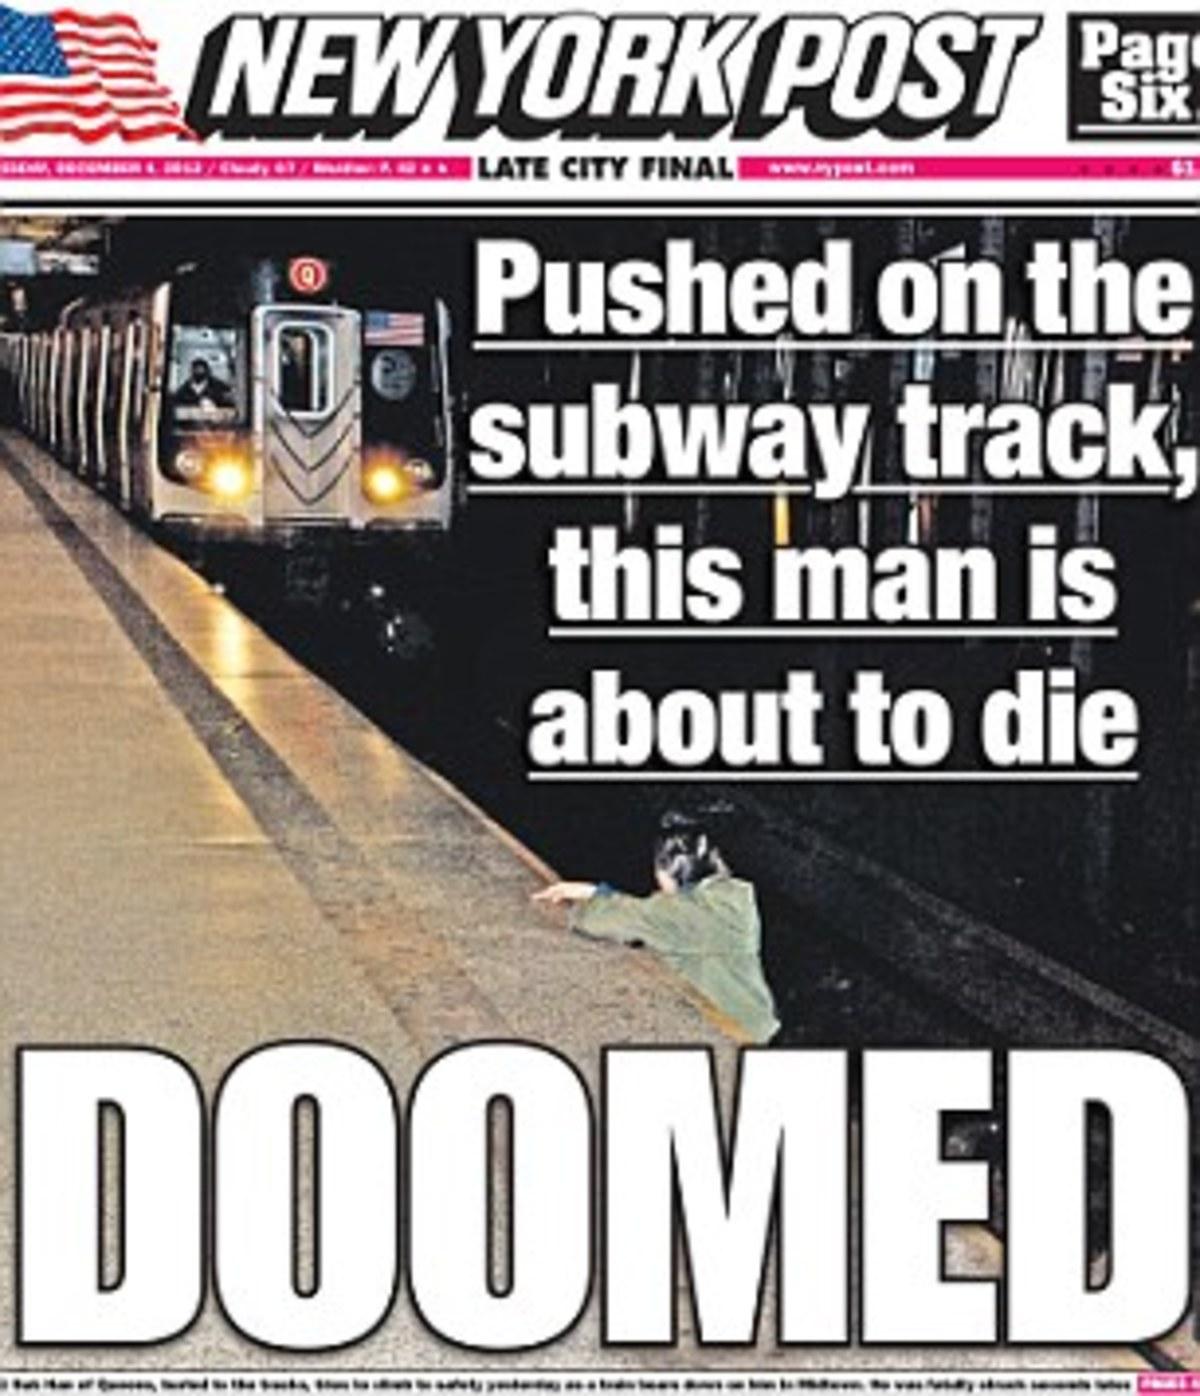 Σάλος από φωτογραφία της New York Post με άνδρα να πεθαίνει στις ράγες του Μετρό | Newsit.gr